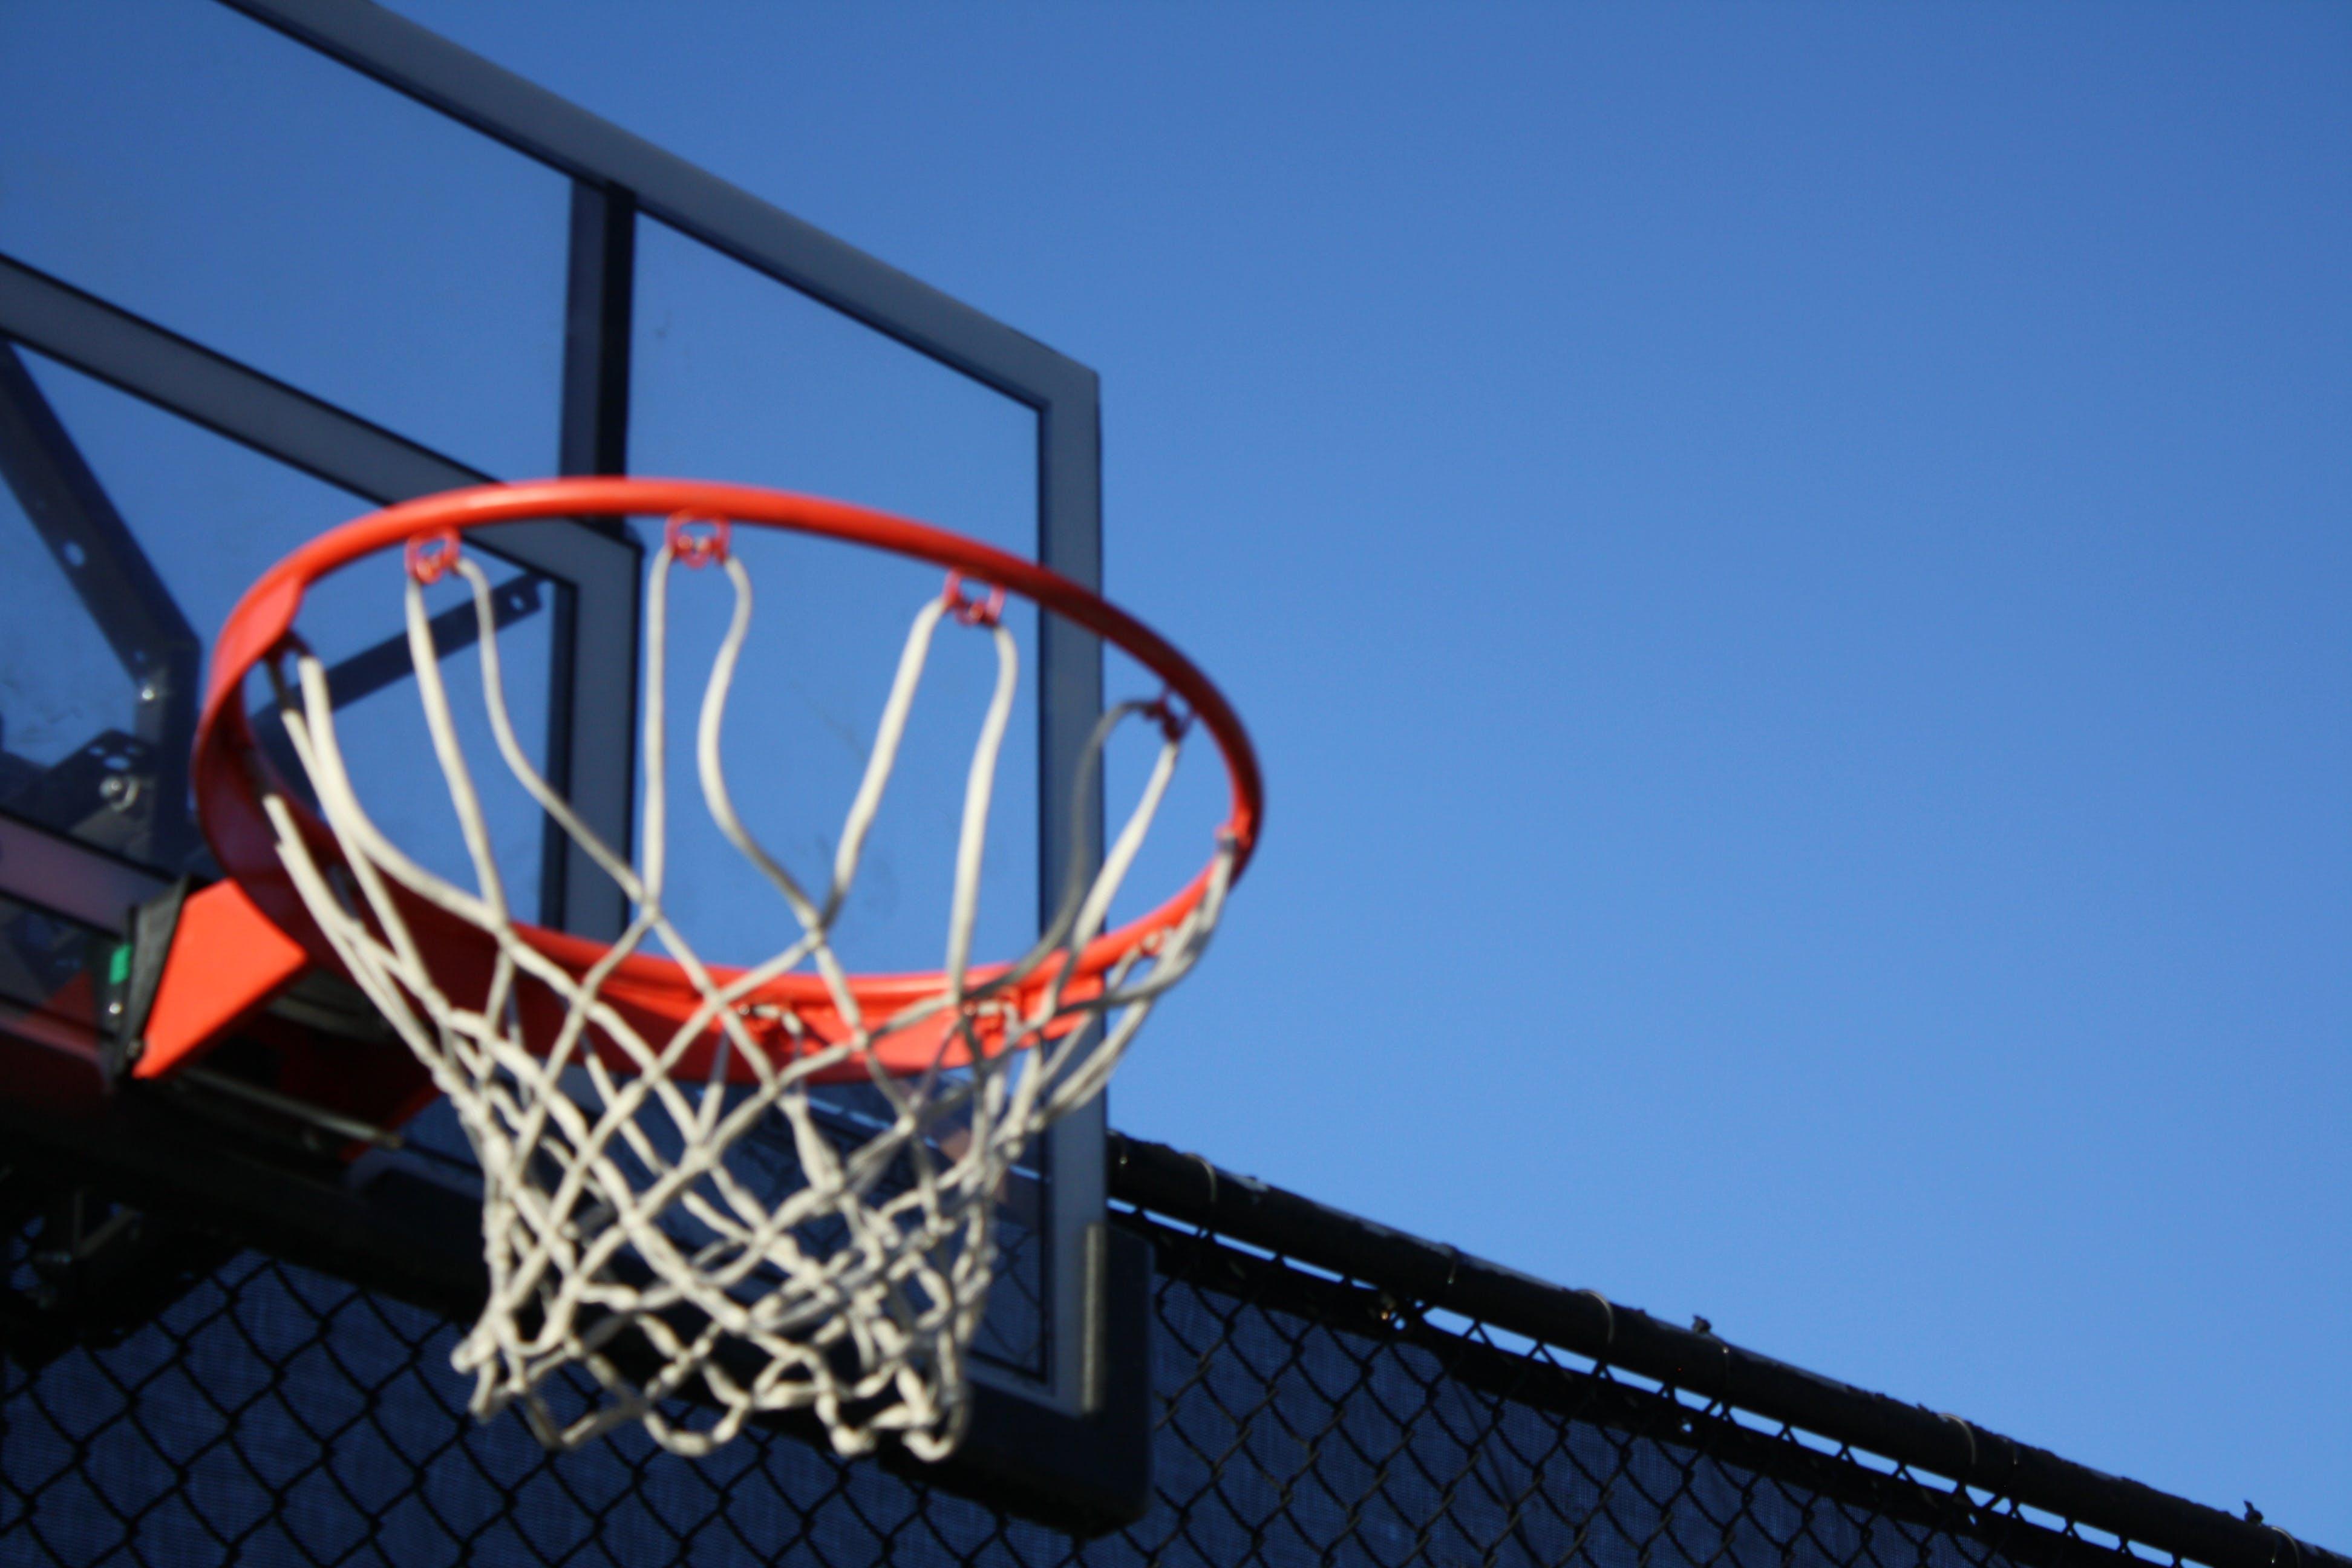 amaç, Basket potası, Basketbol, basketbol potası içeren Ücretsiz stok fotoğraf